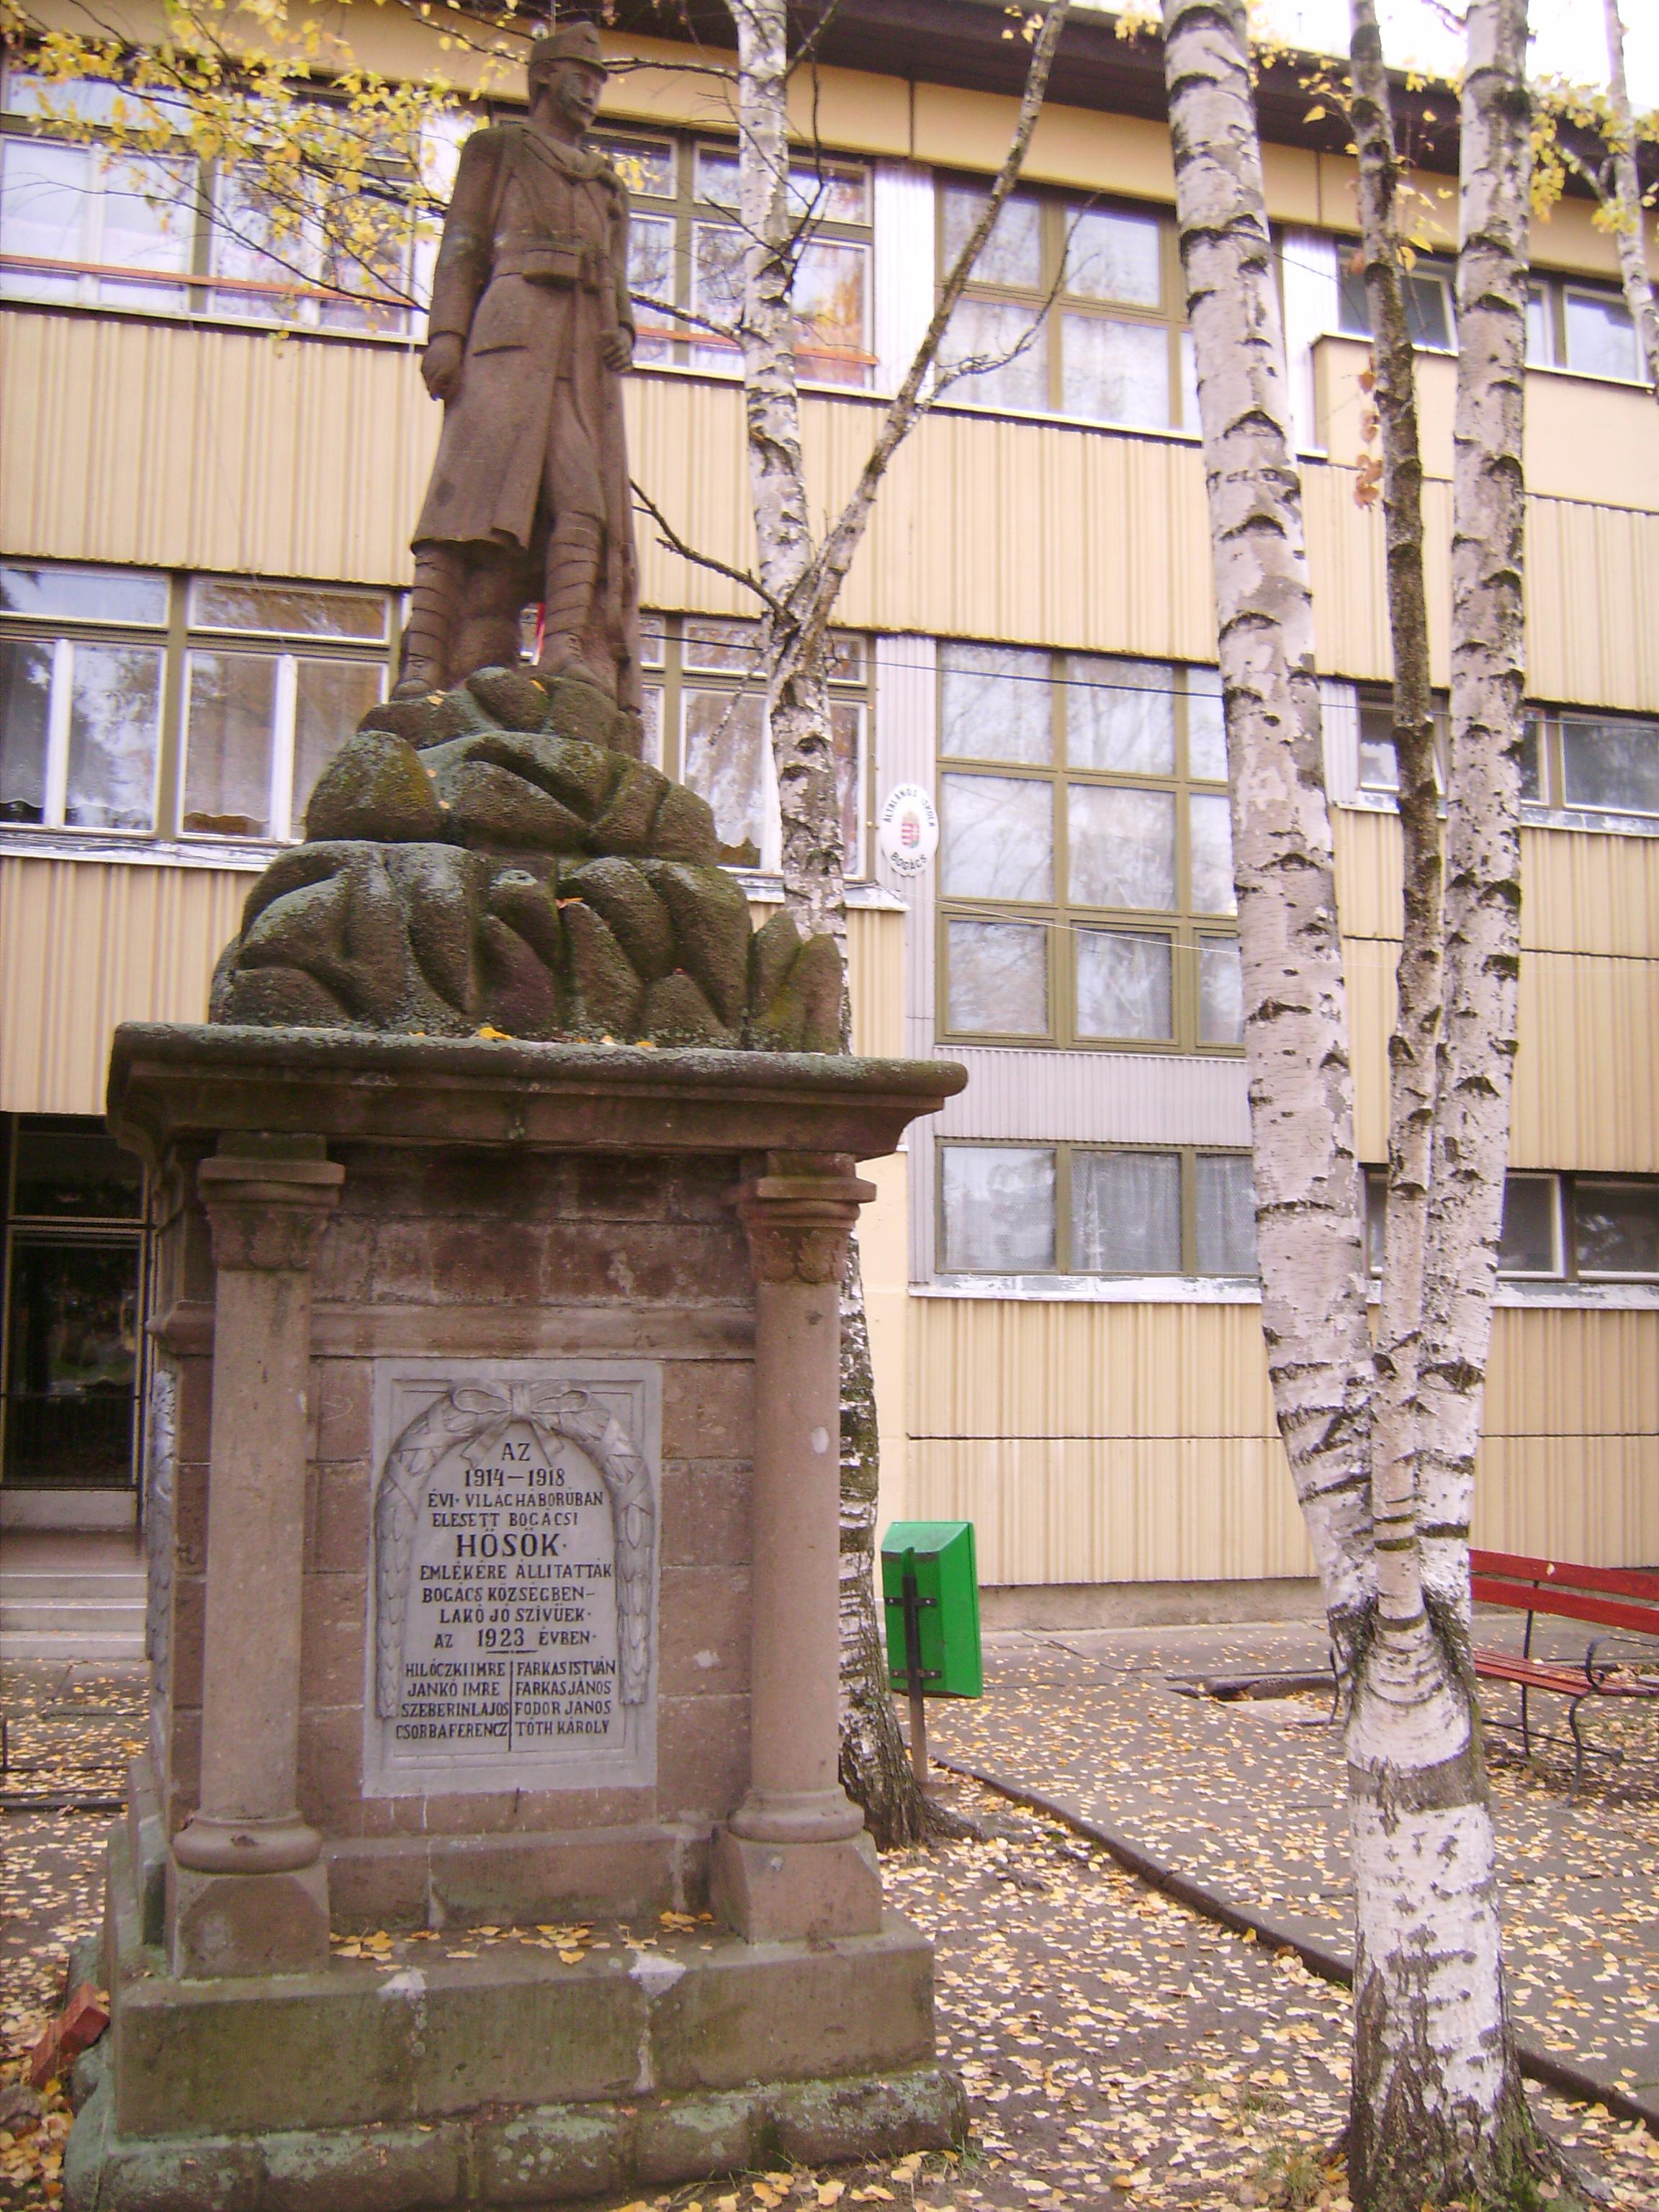 I. világháborús emlékmű<br />Az emlékművet az 1920-as években Csiki János készítette, a felújítást unokája, Csiki László kőfaragó mester és dédunokája, ifj. Csiki László kőszobrász végezte.